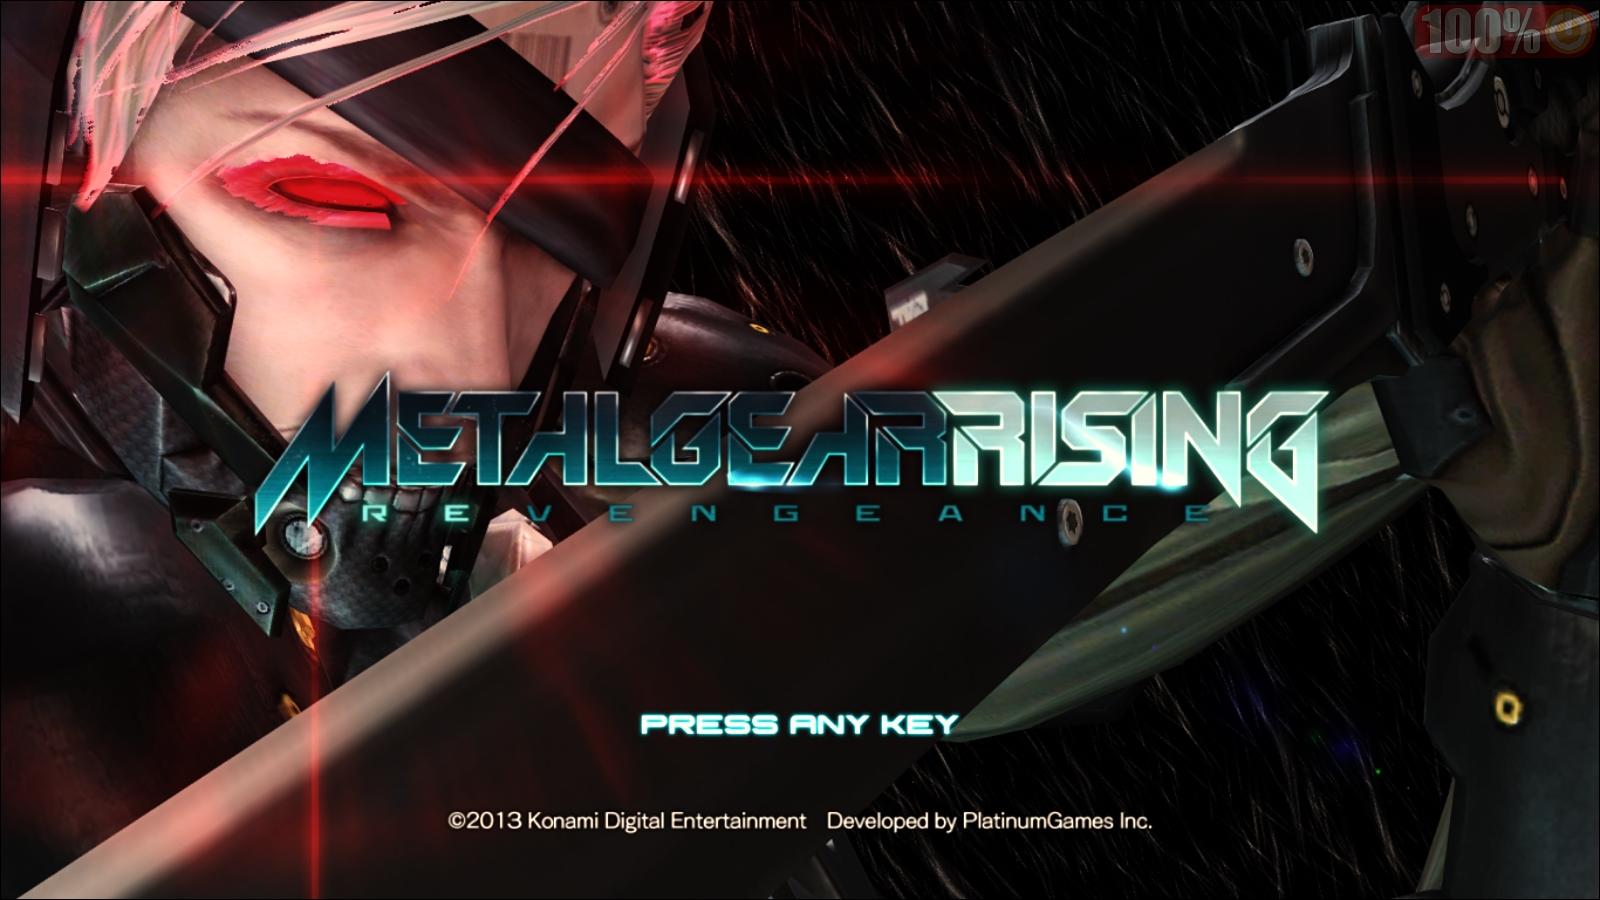 METAL GEAR RISING REVENGEANCE.exe_DX9_20140211_214133.jpg